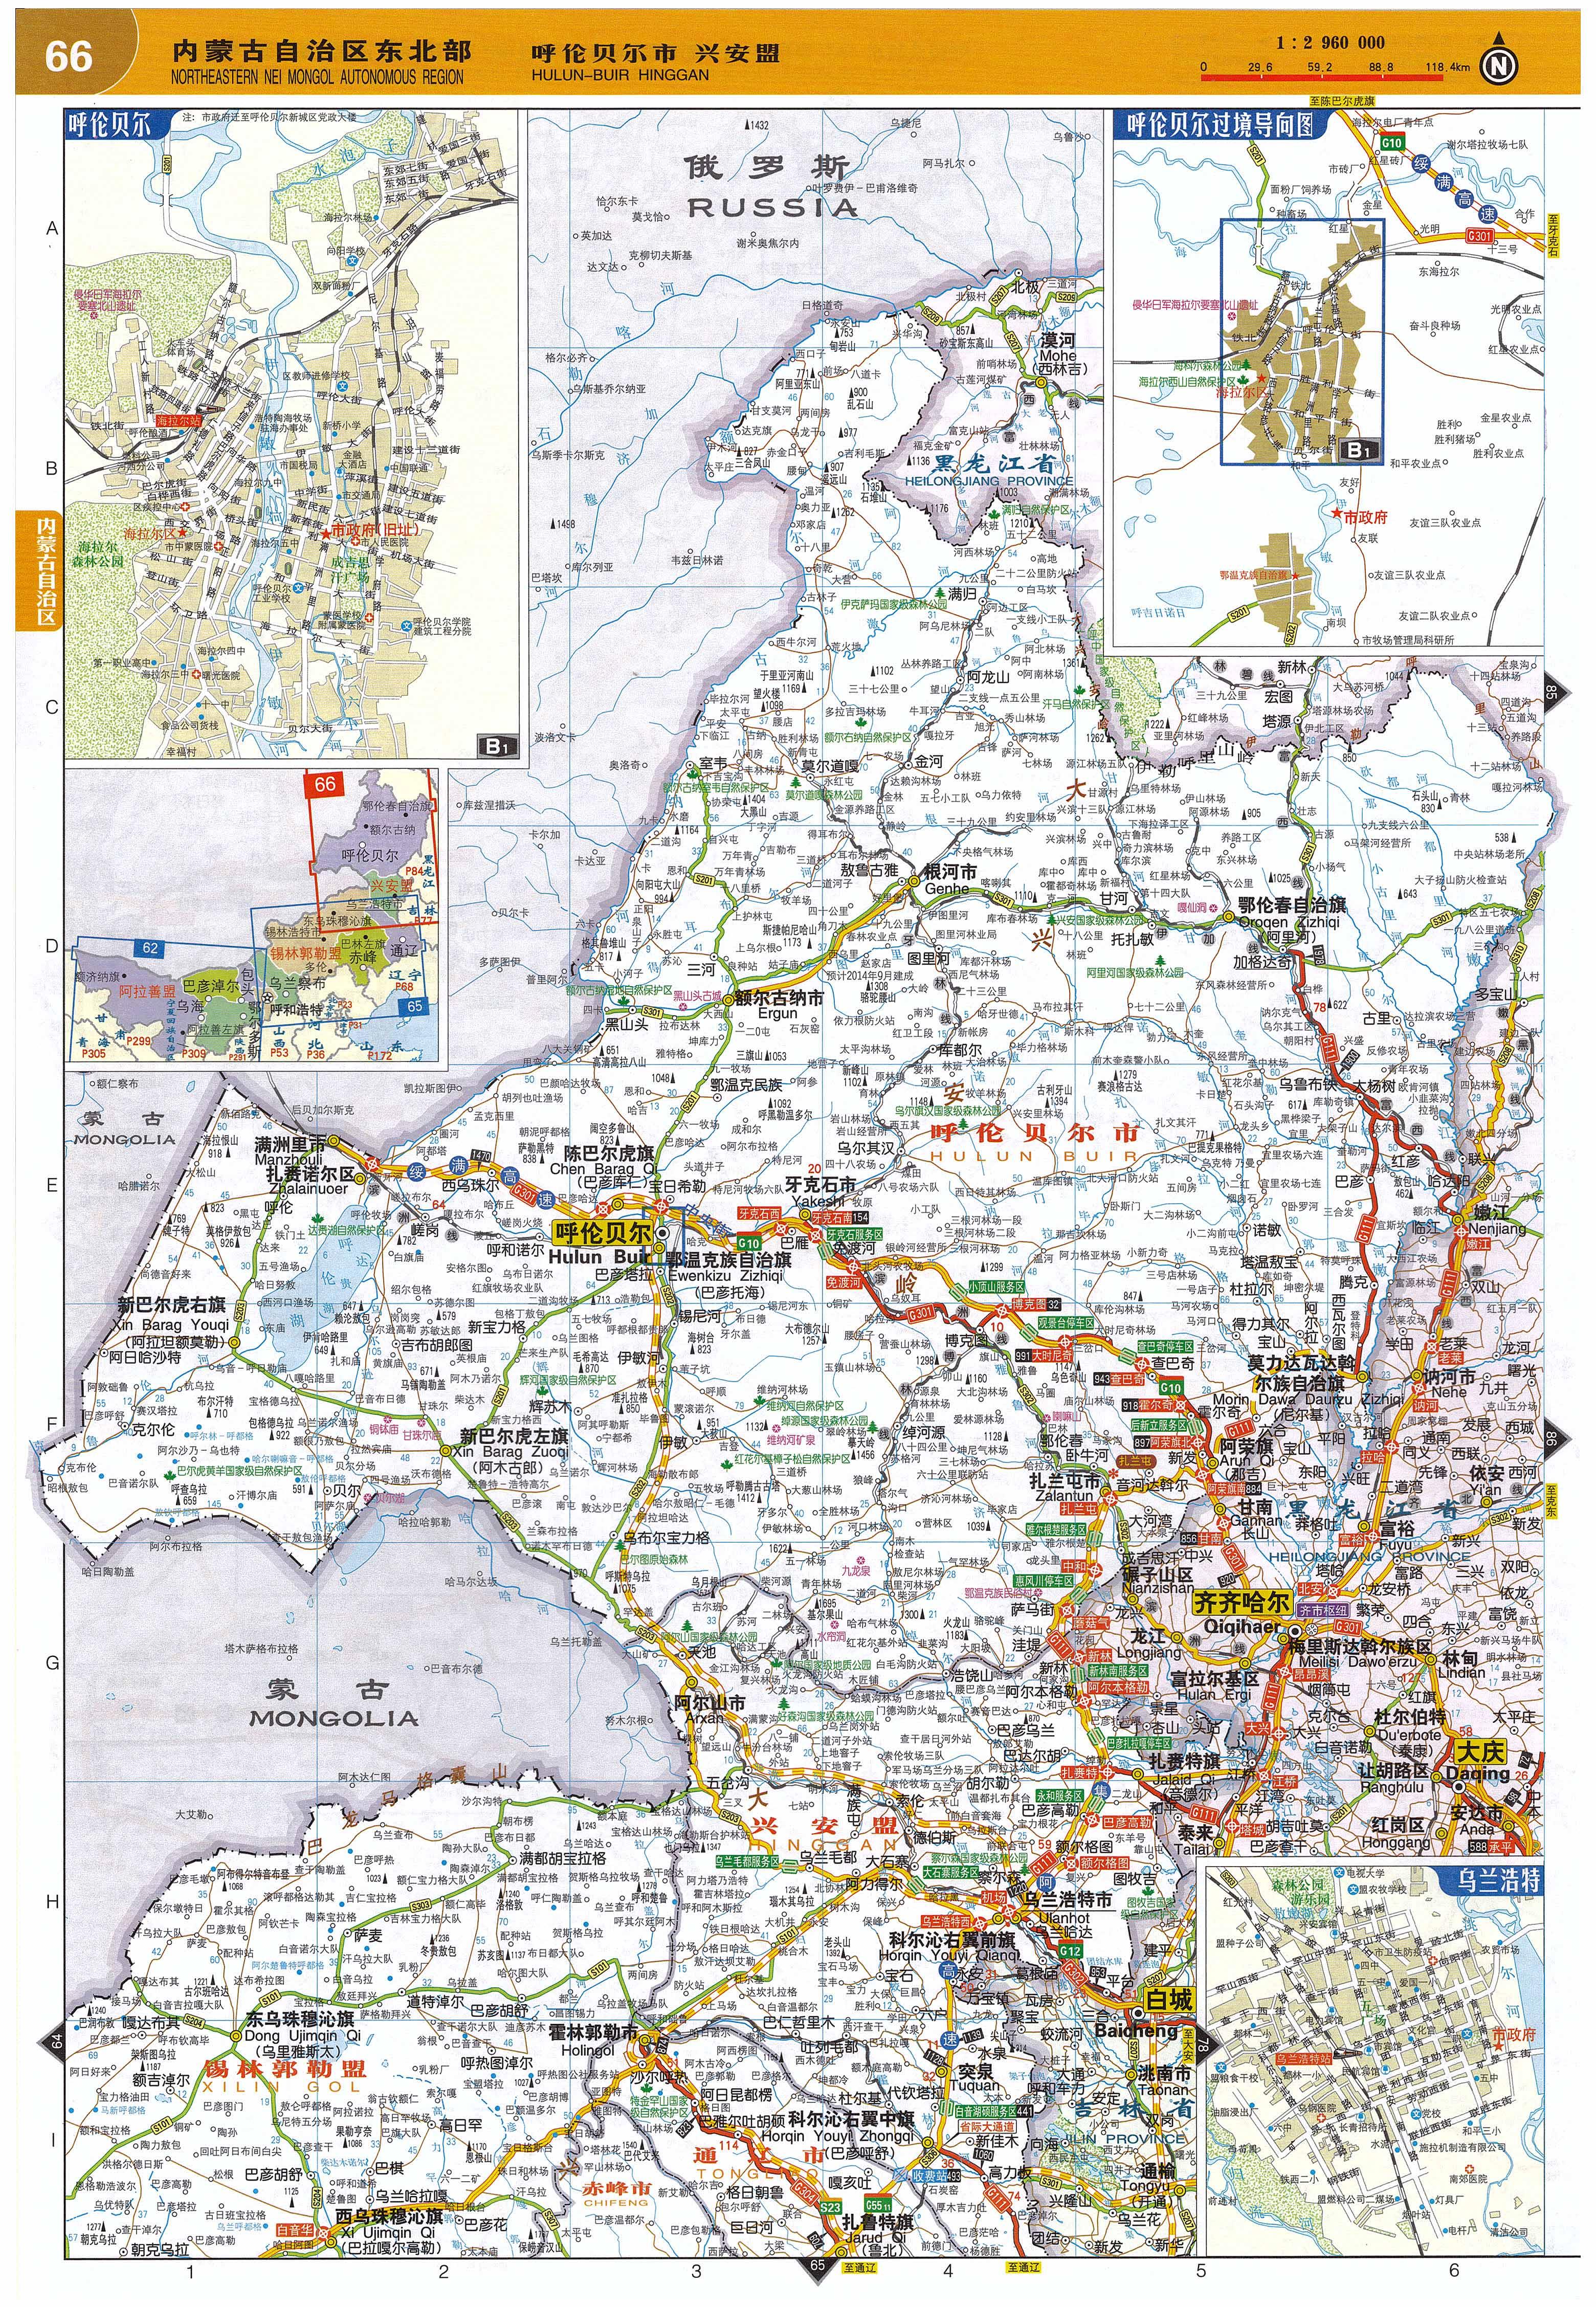 内蒙古东北部交通地图全图高清版